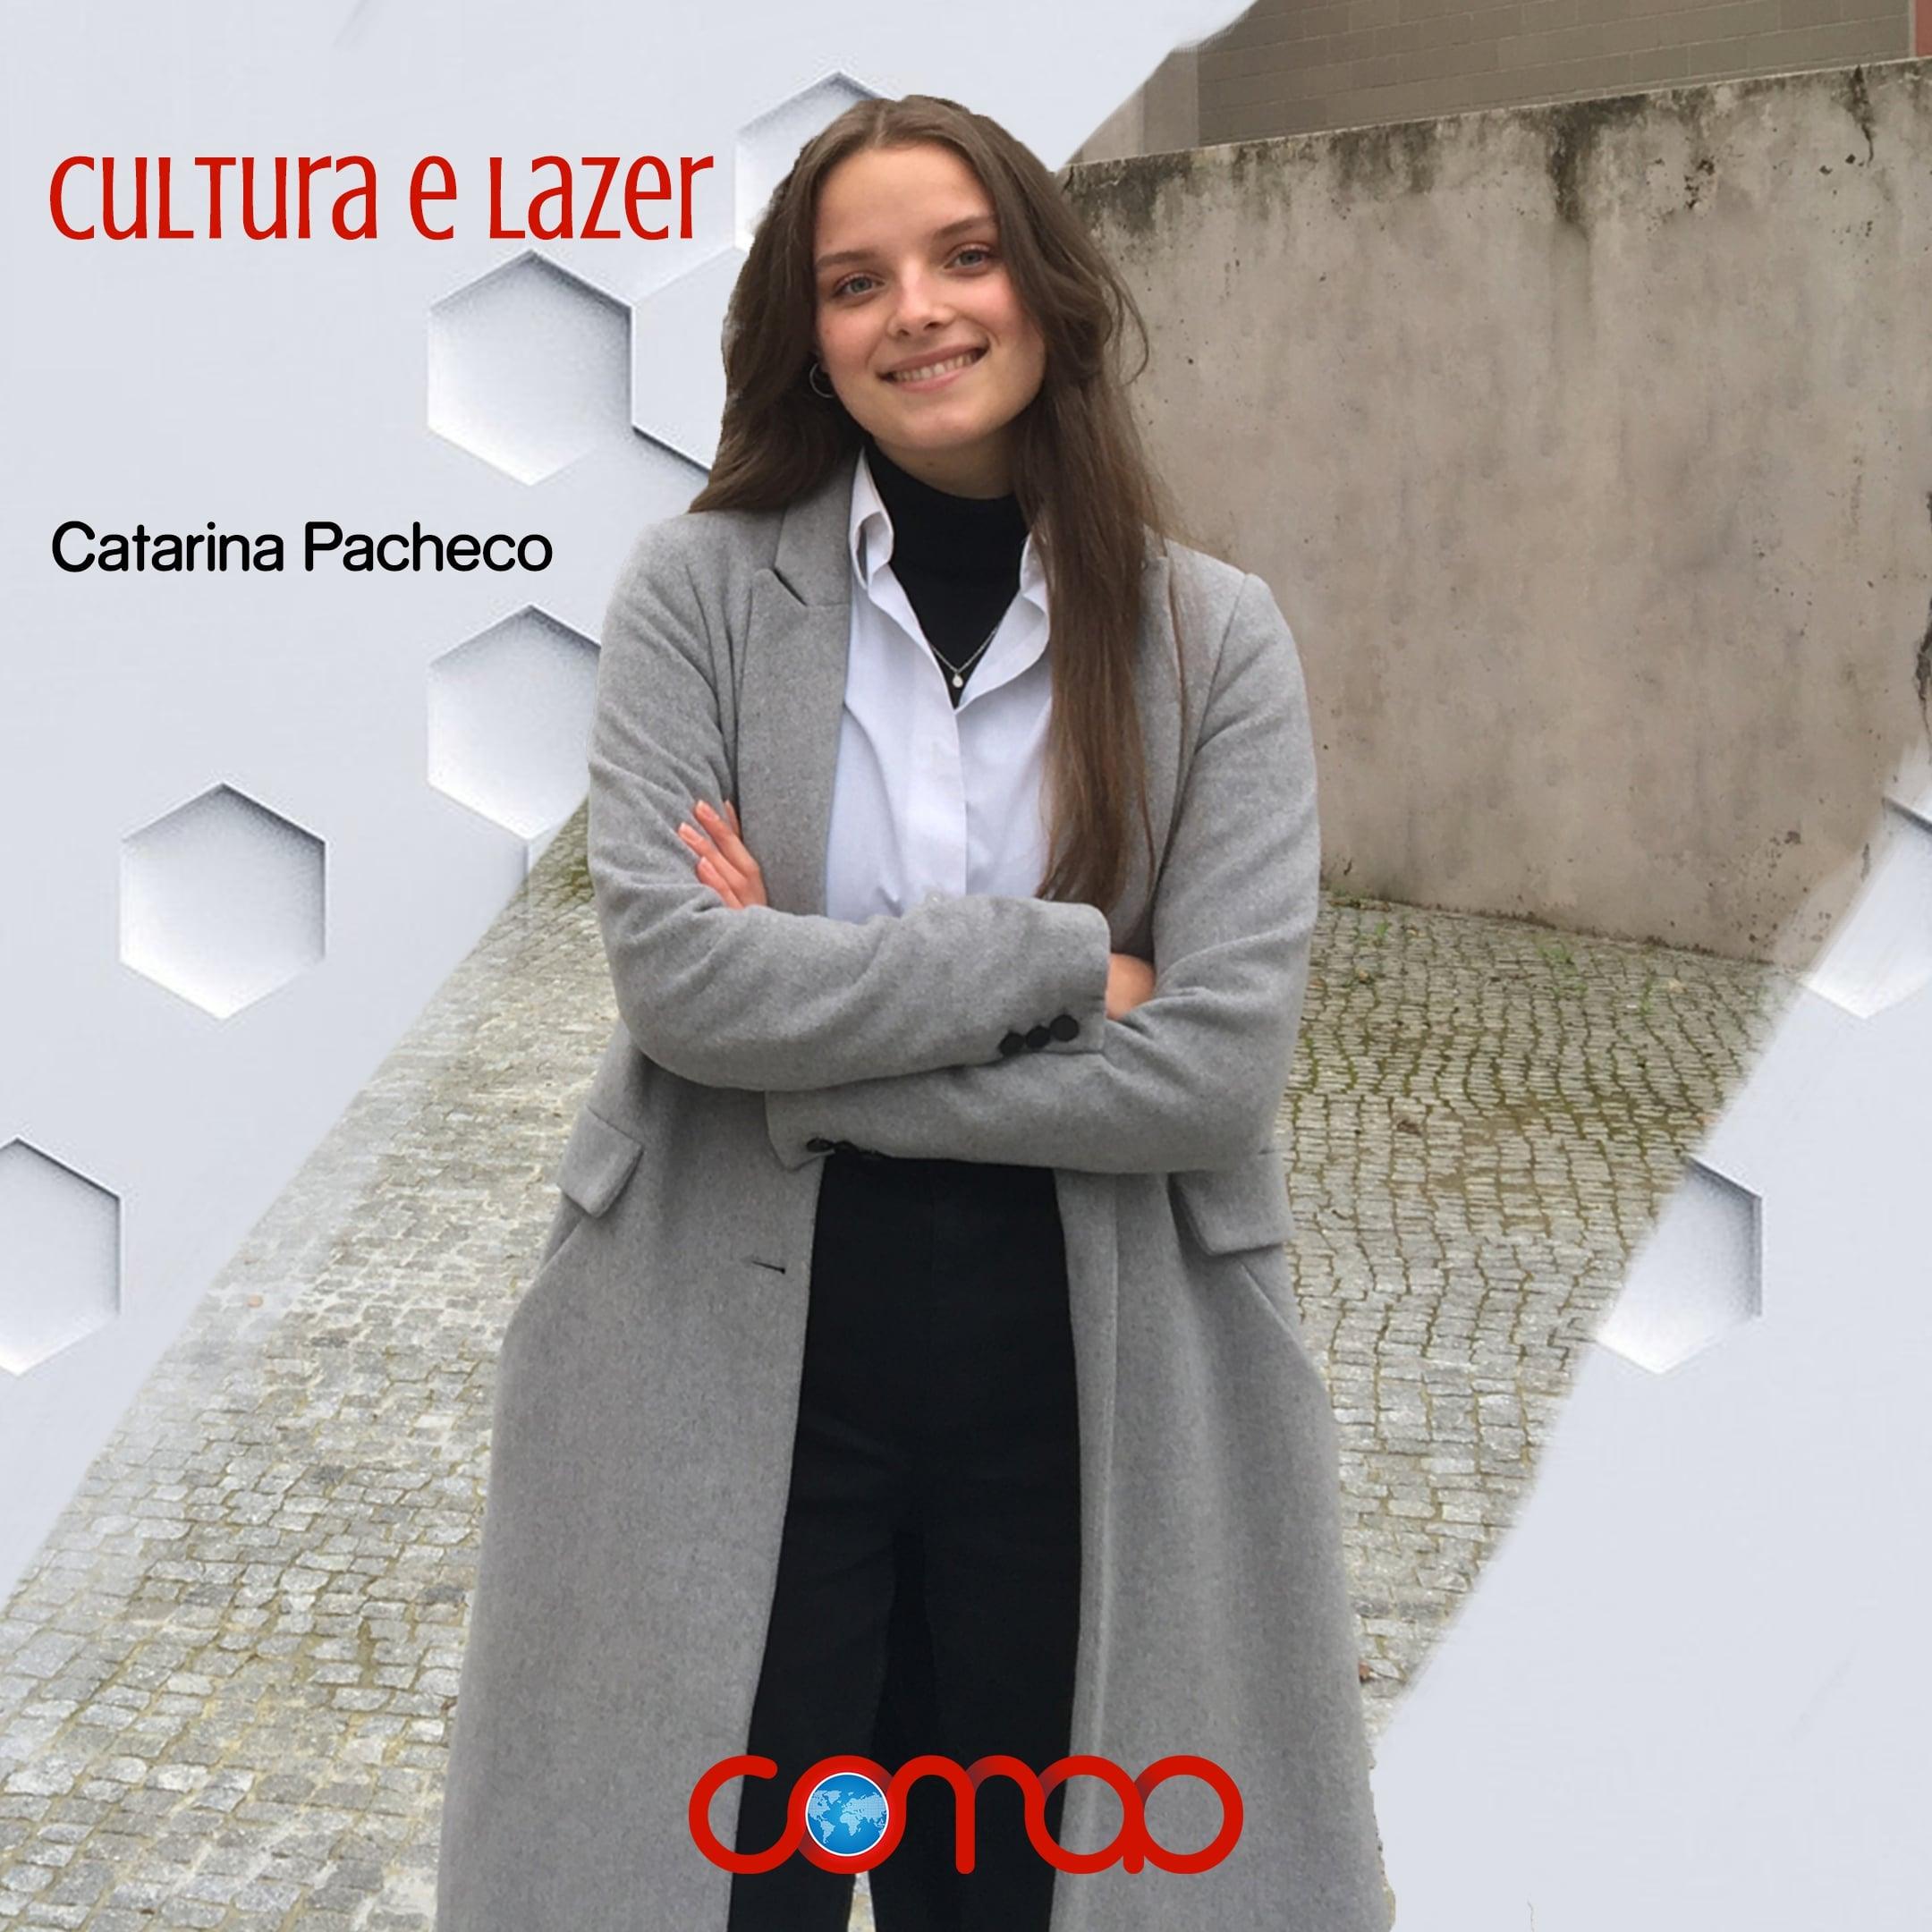 Catarina Pacheco